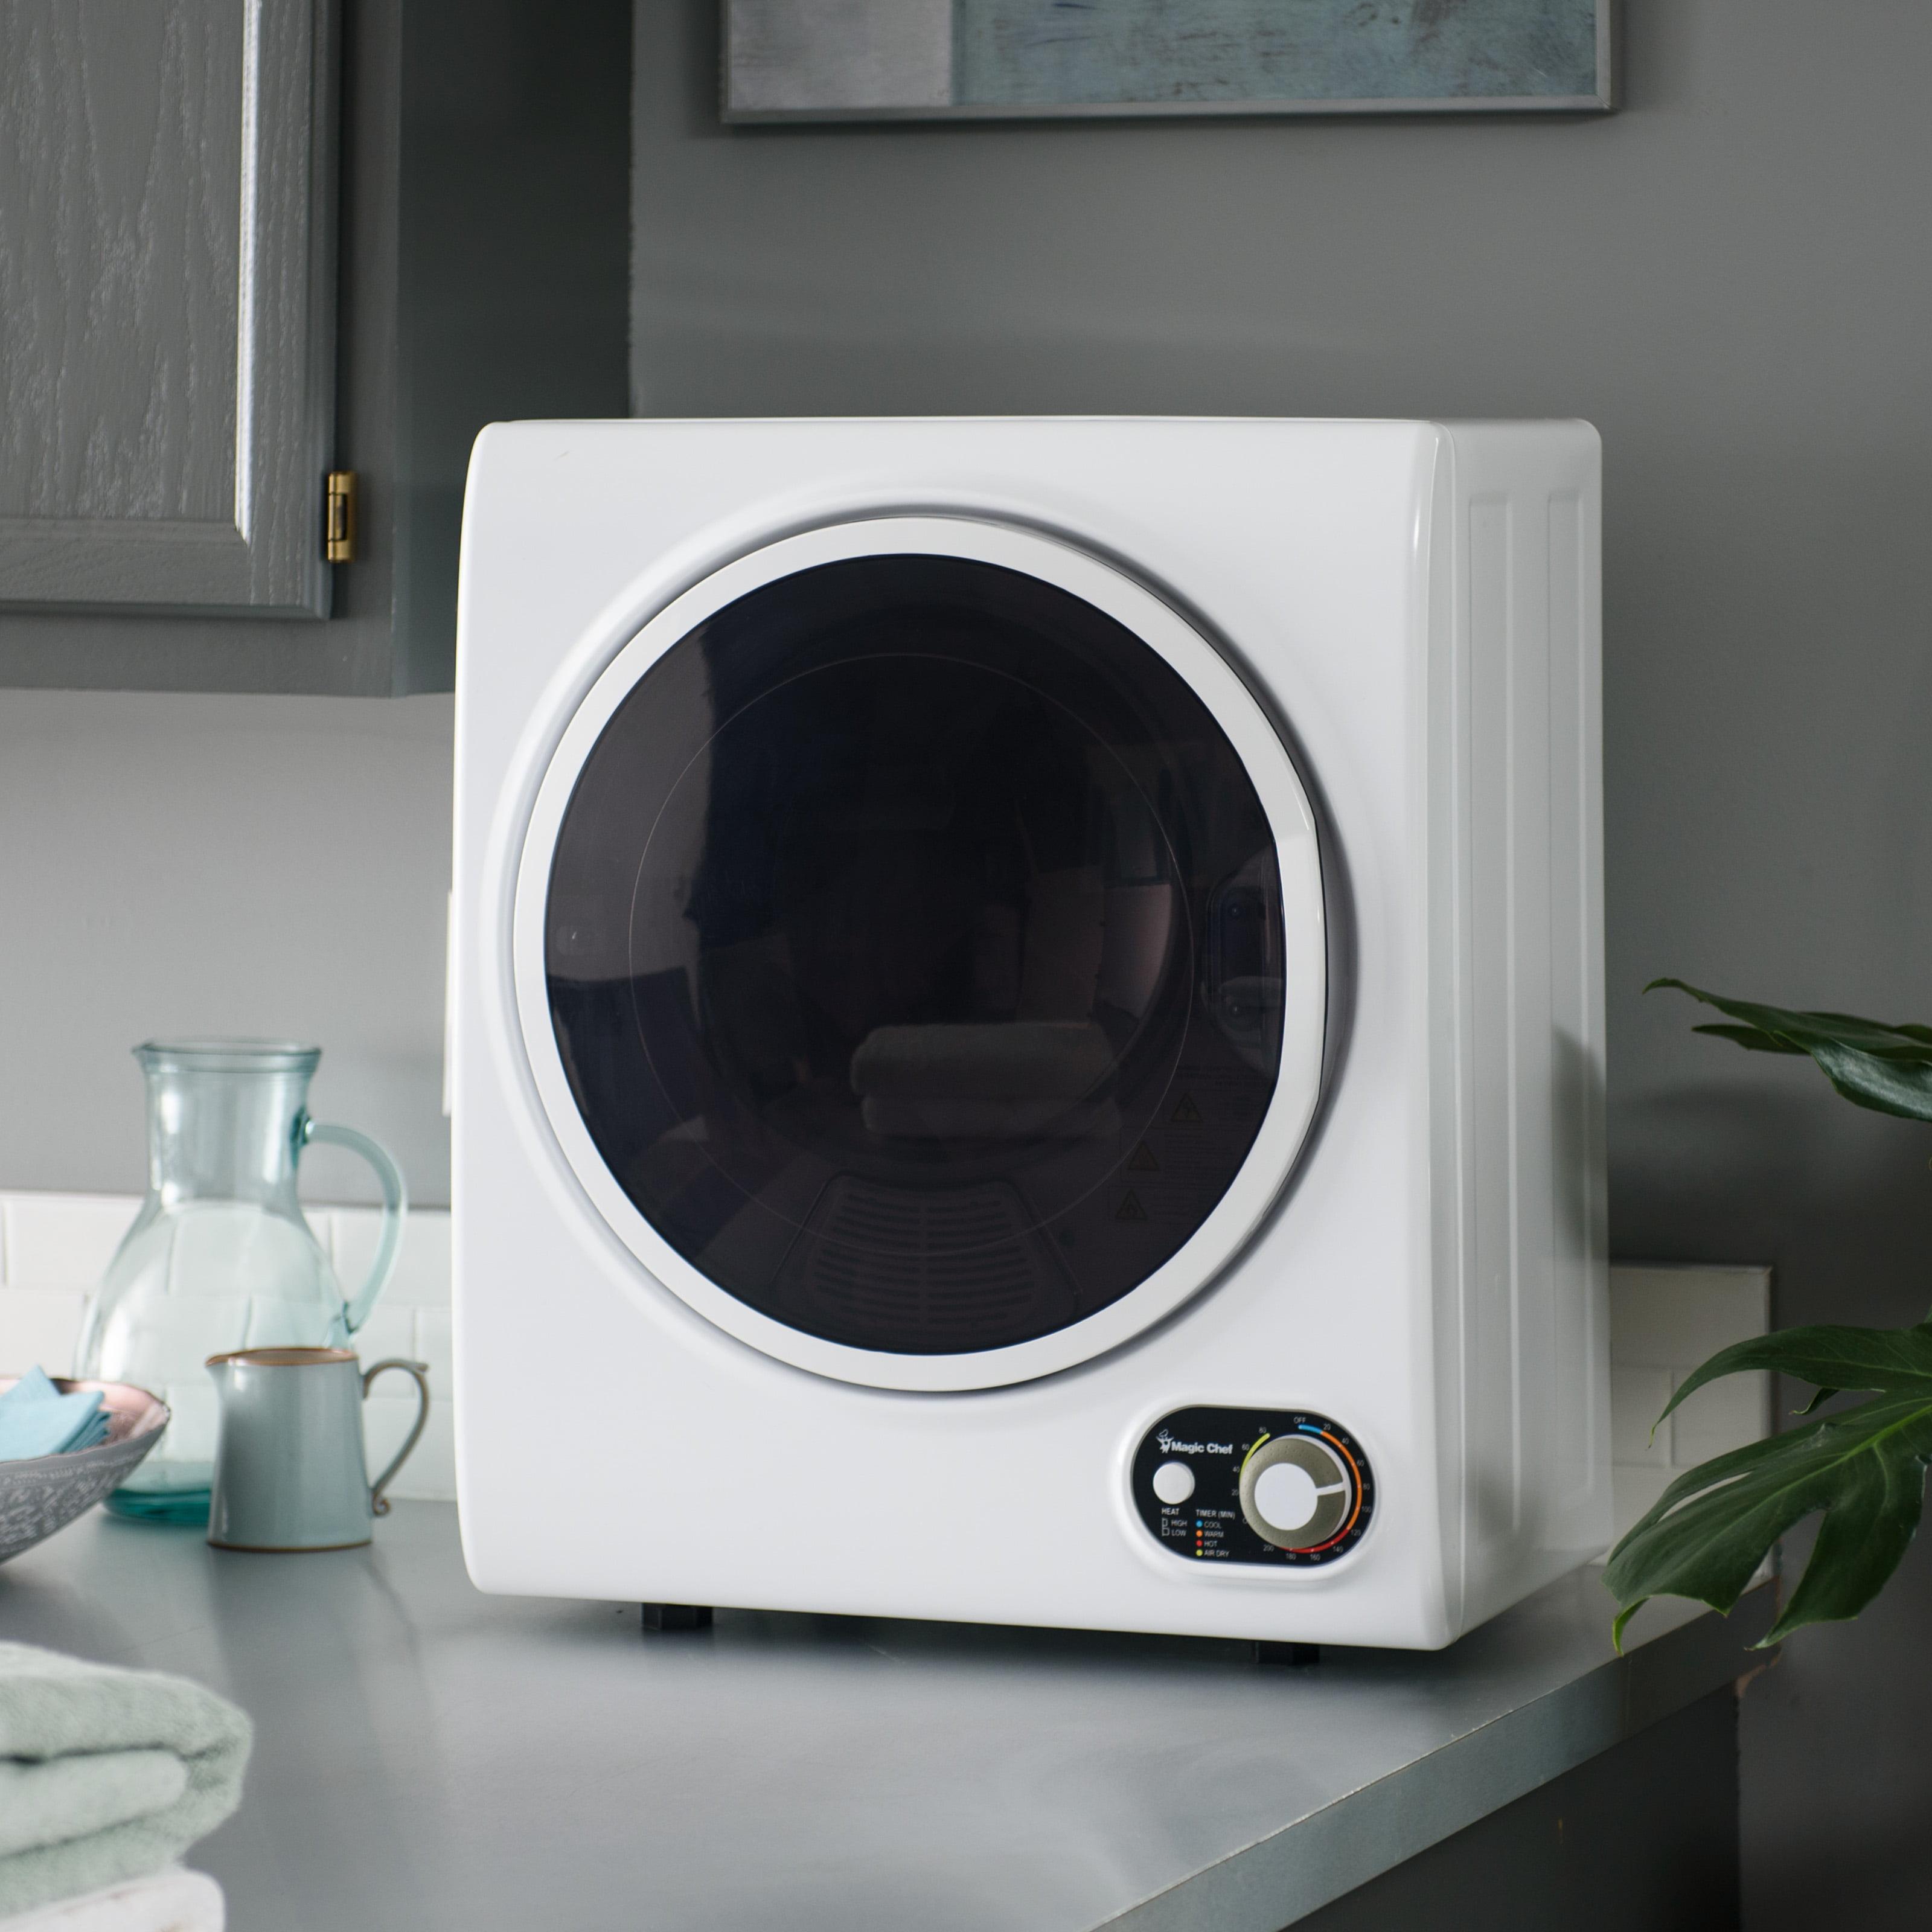 100 Laundry Room Compact 3d Laundry Ikea Laundry